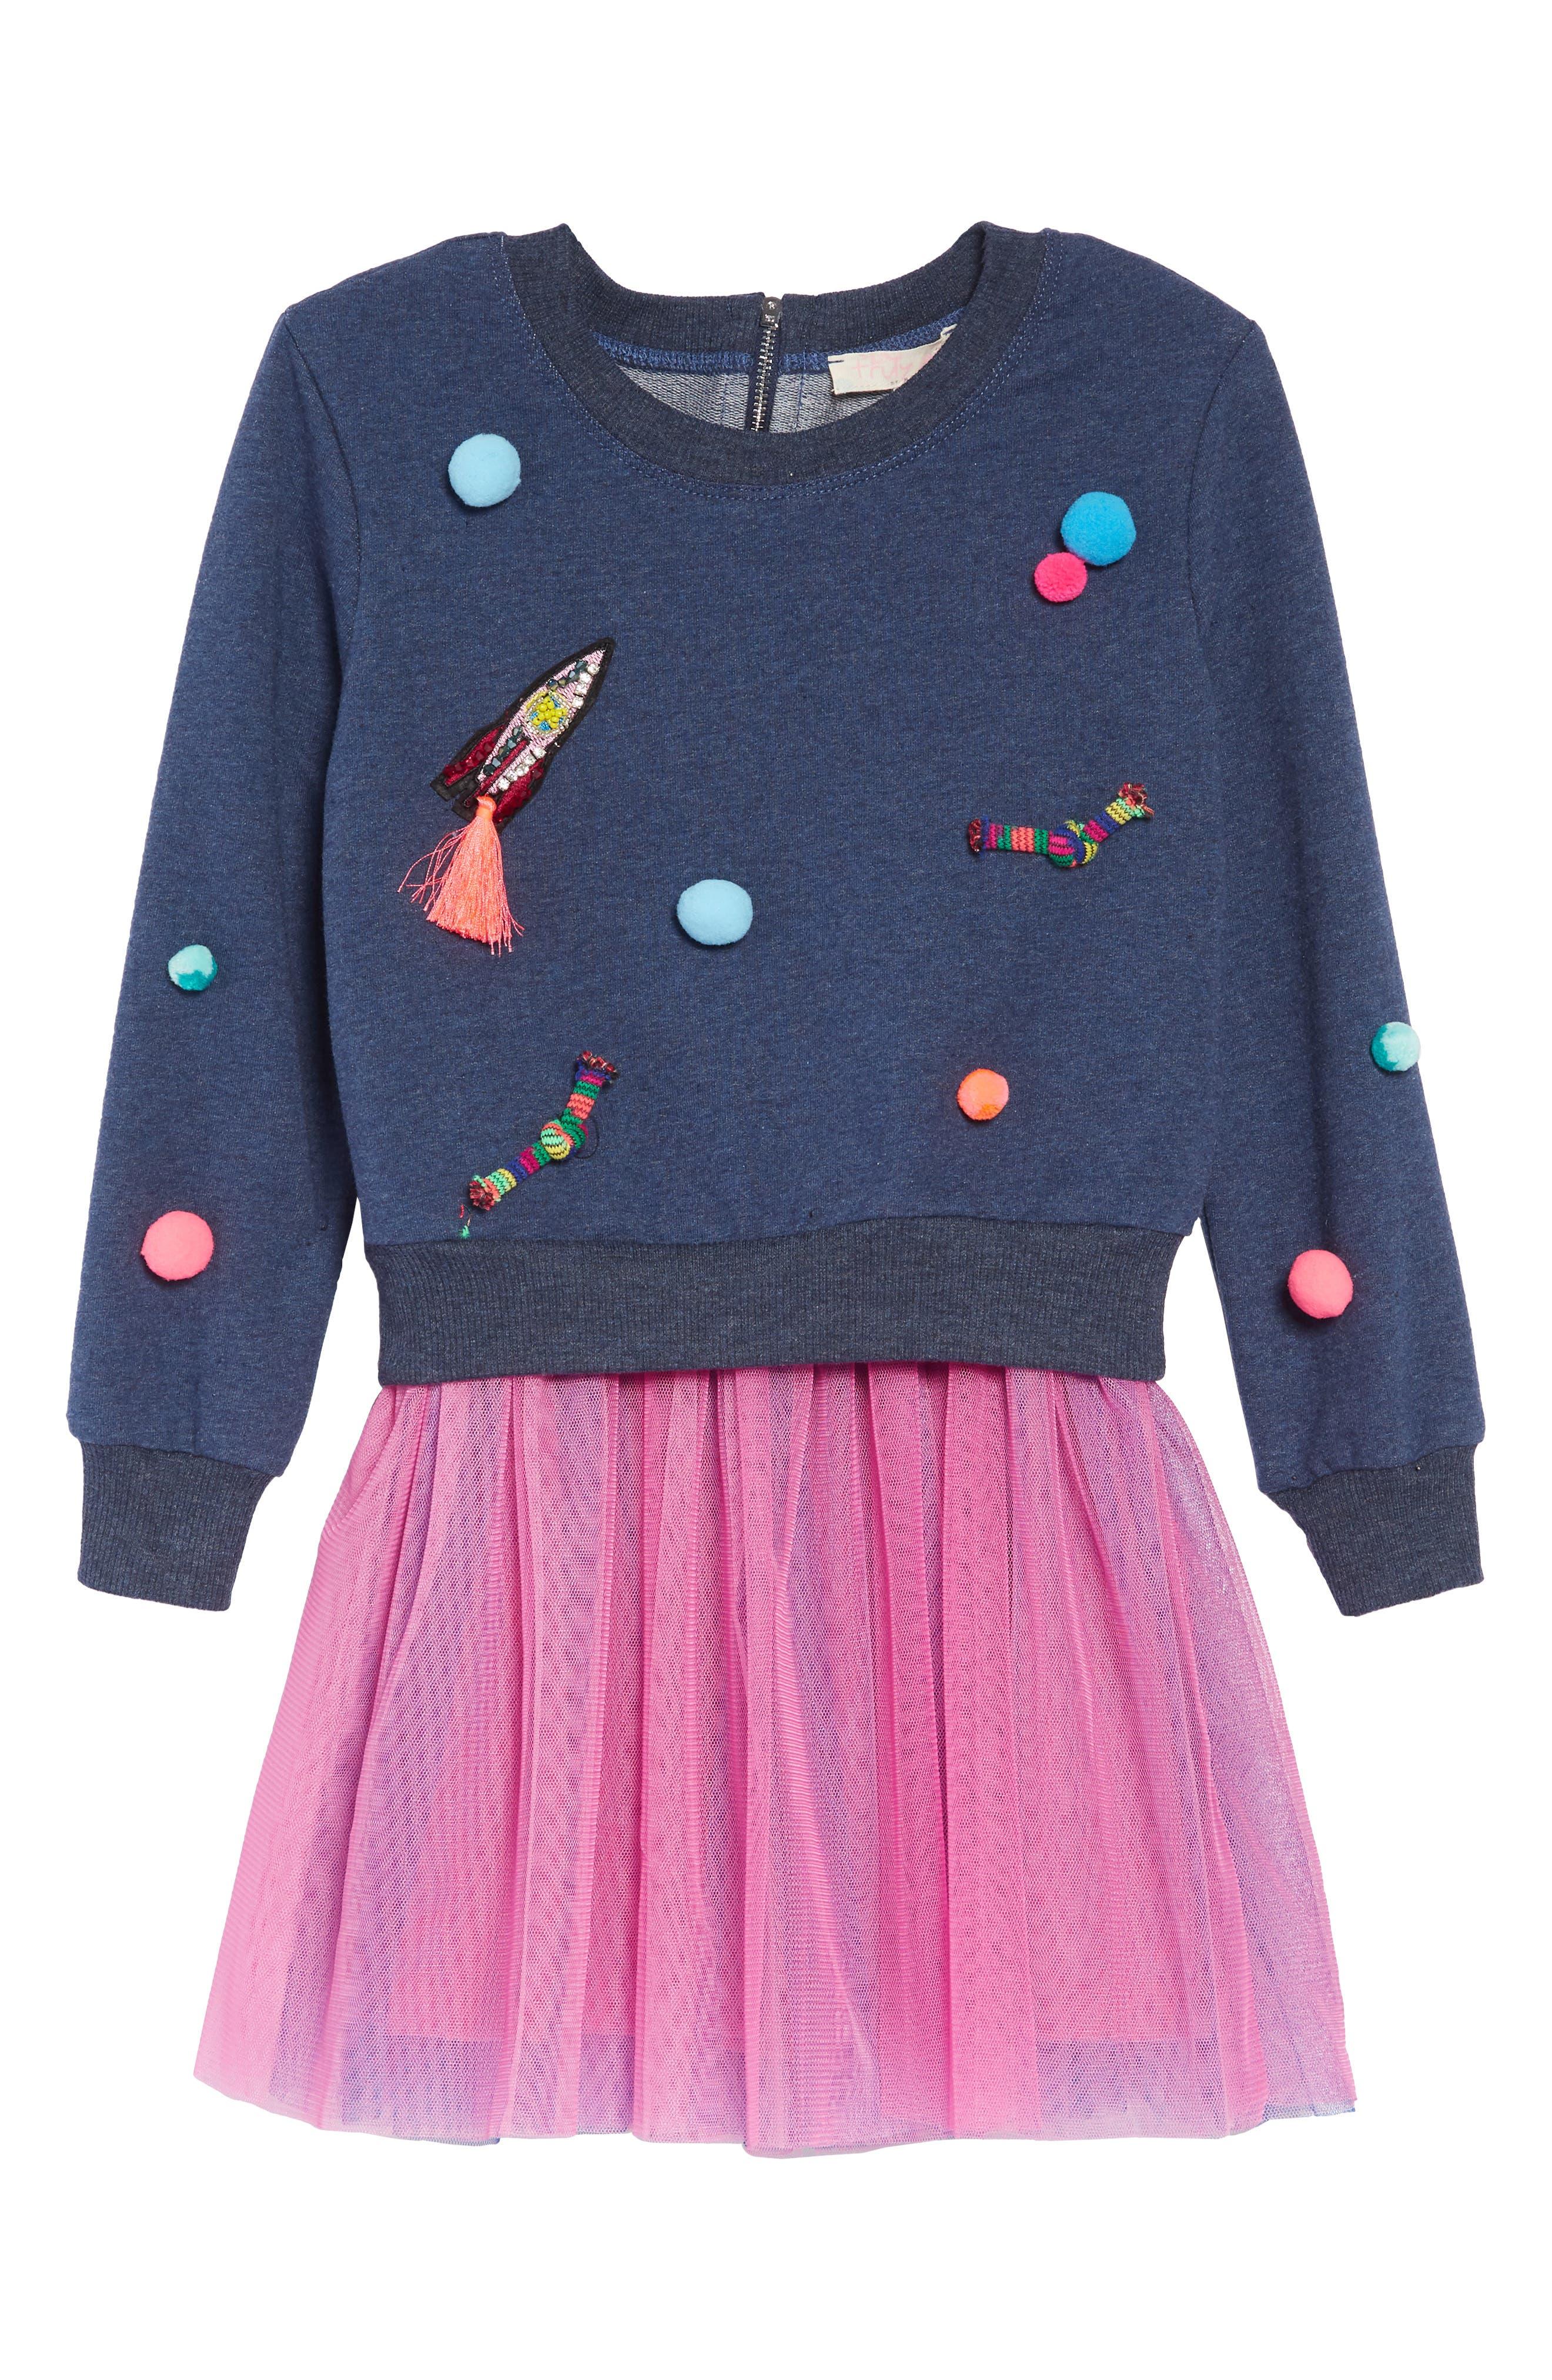 Appliqué Top & Tutu Dress Set,                             Main thumbnail 1, color,                             418